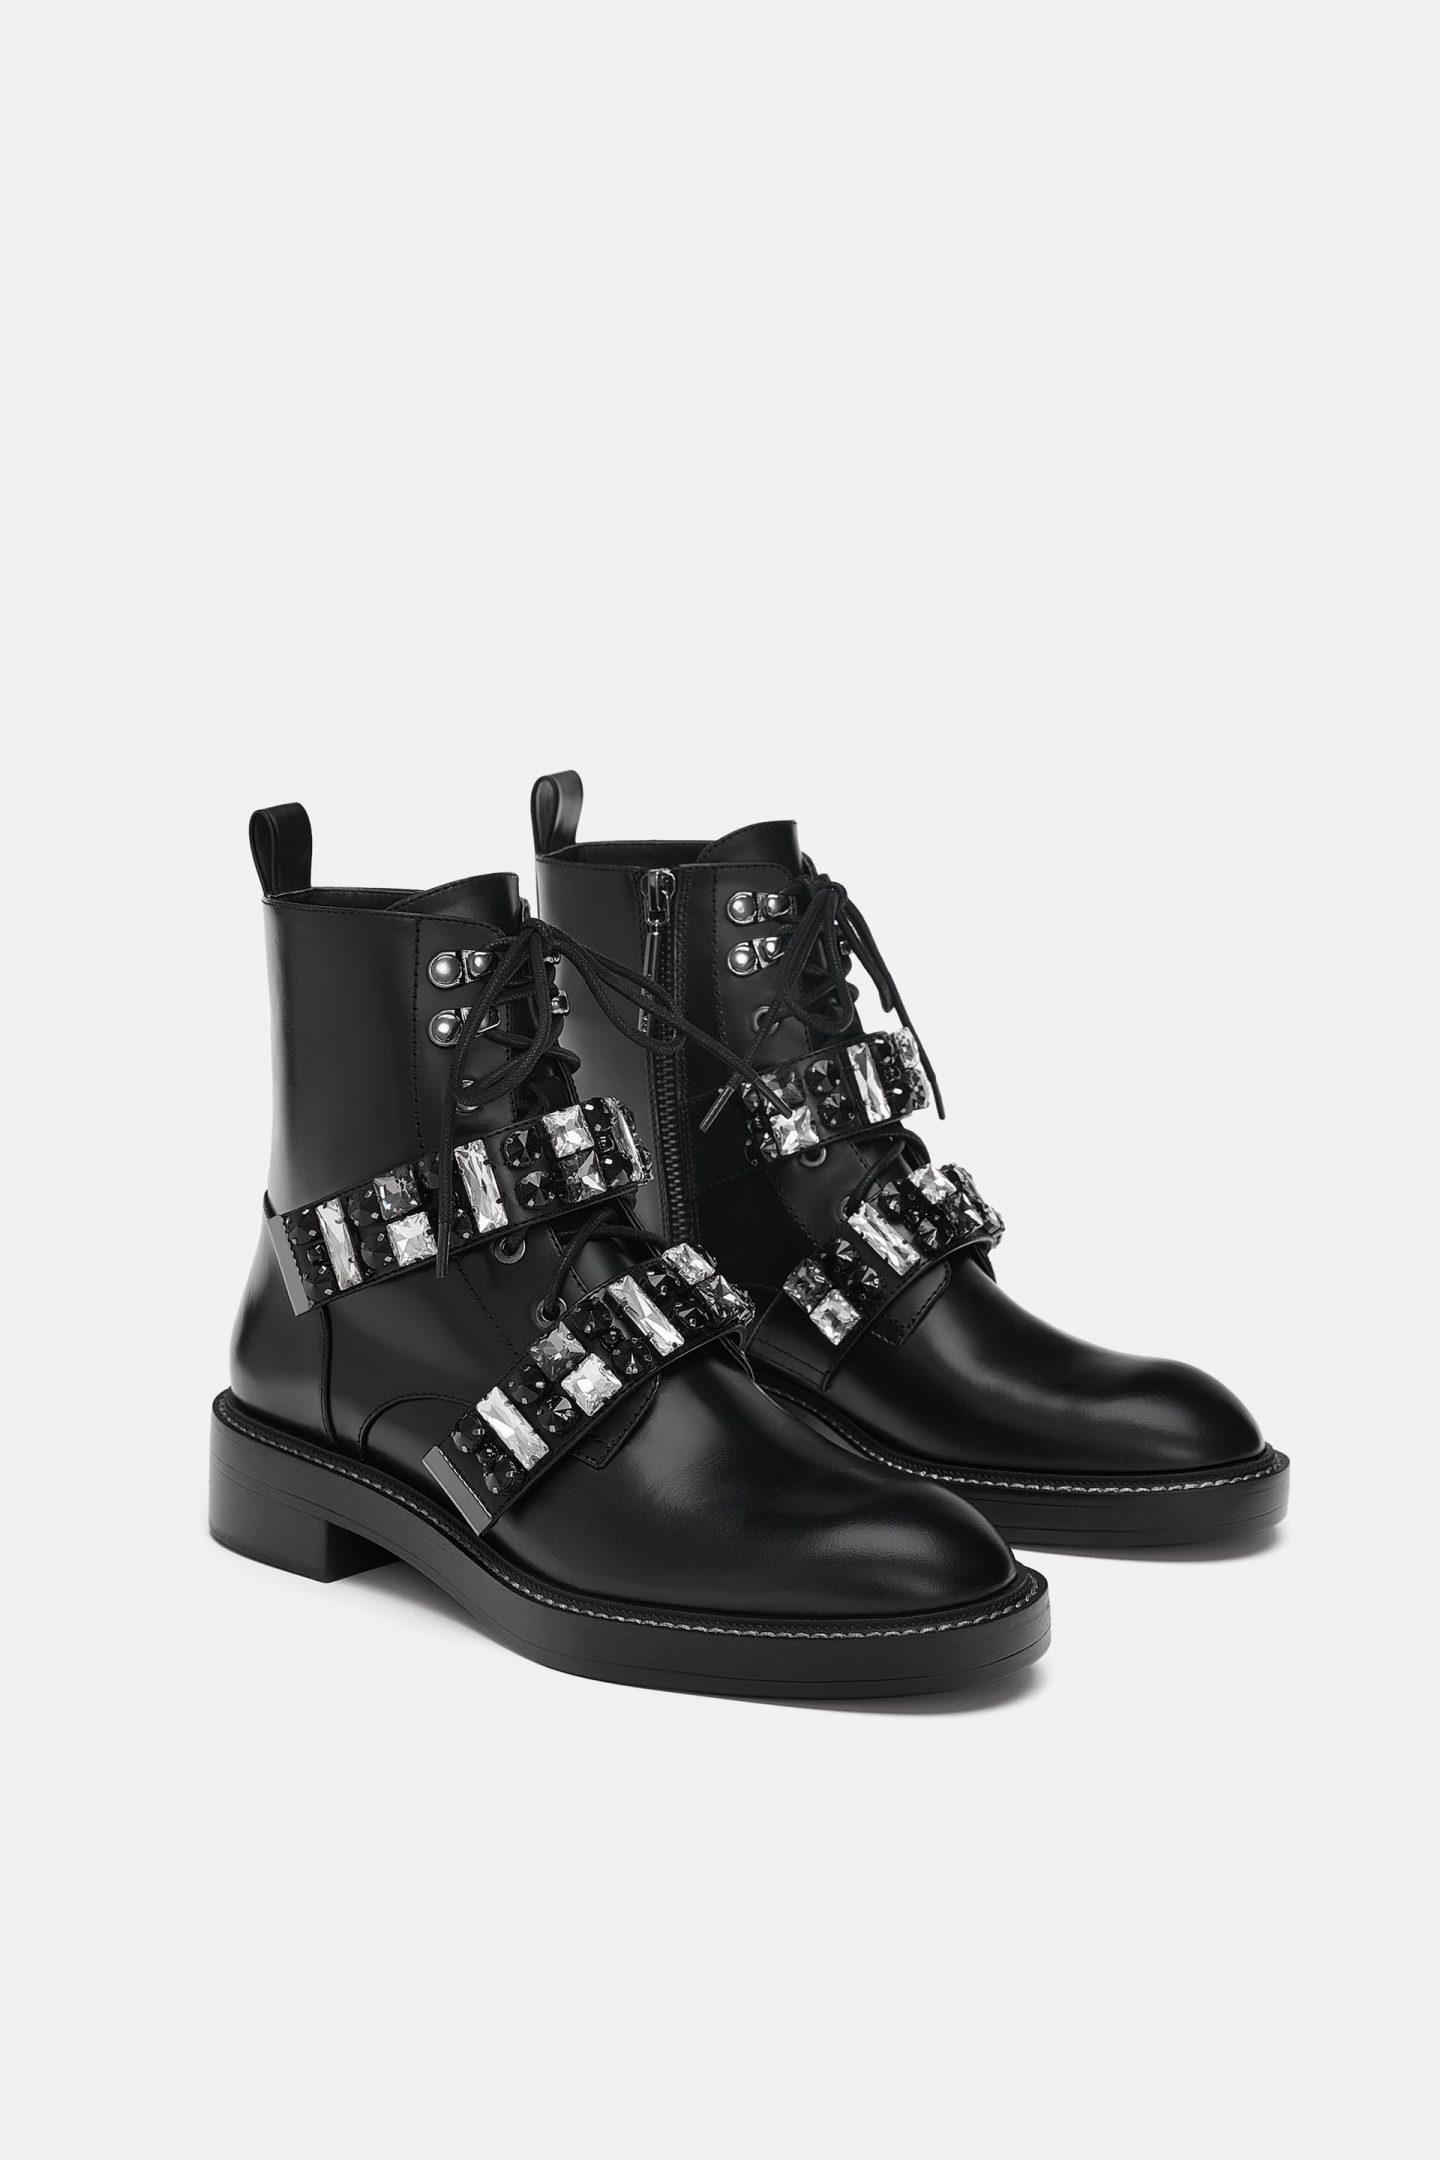 Zara-Biker-Boots-Best-Before-End-Date-Autumn-Edit